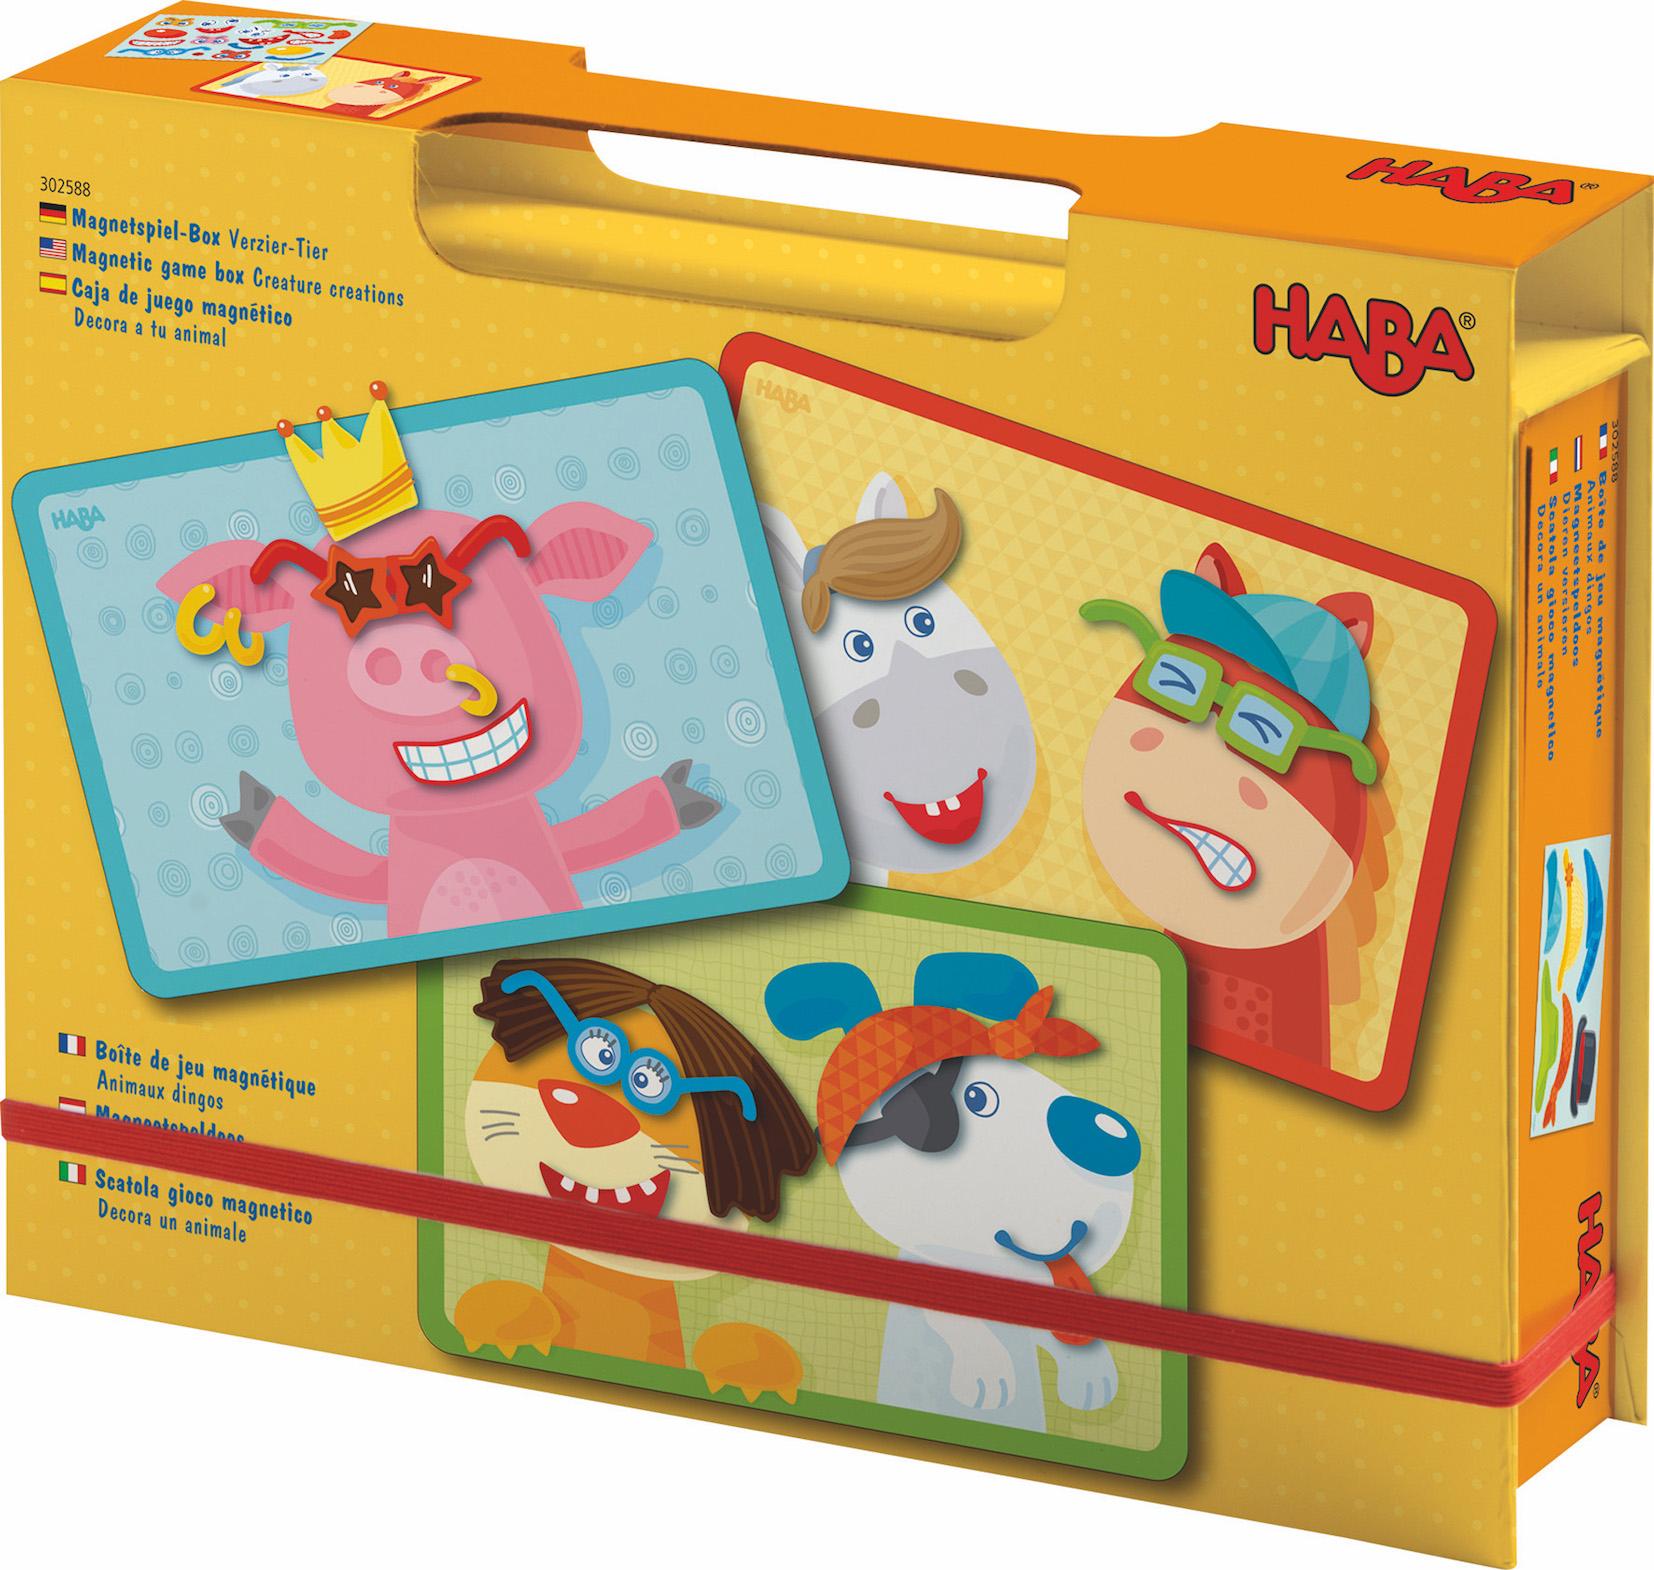 Idées Cadeaux De Noël Pour Enfants De 2 À 5 Ans- Wish List à Jeux Pour Enfant De 5 Ans